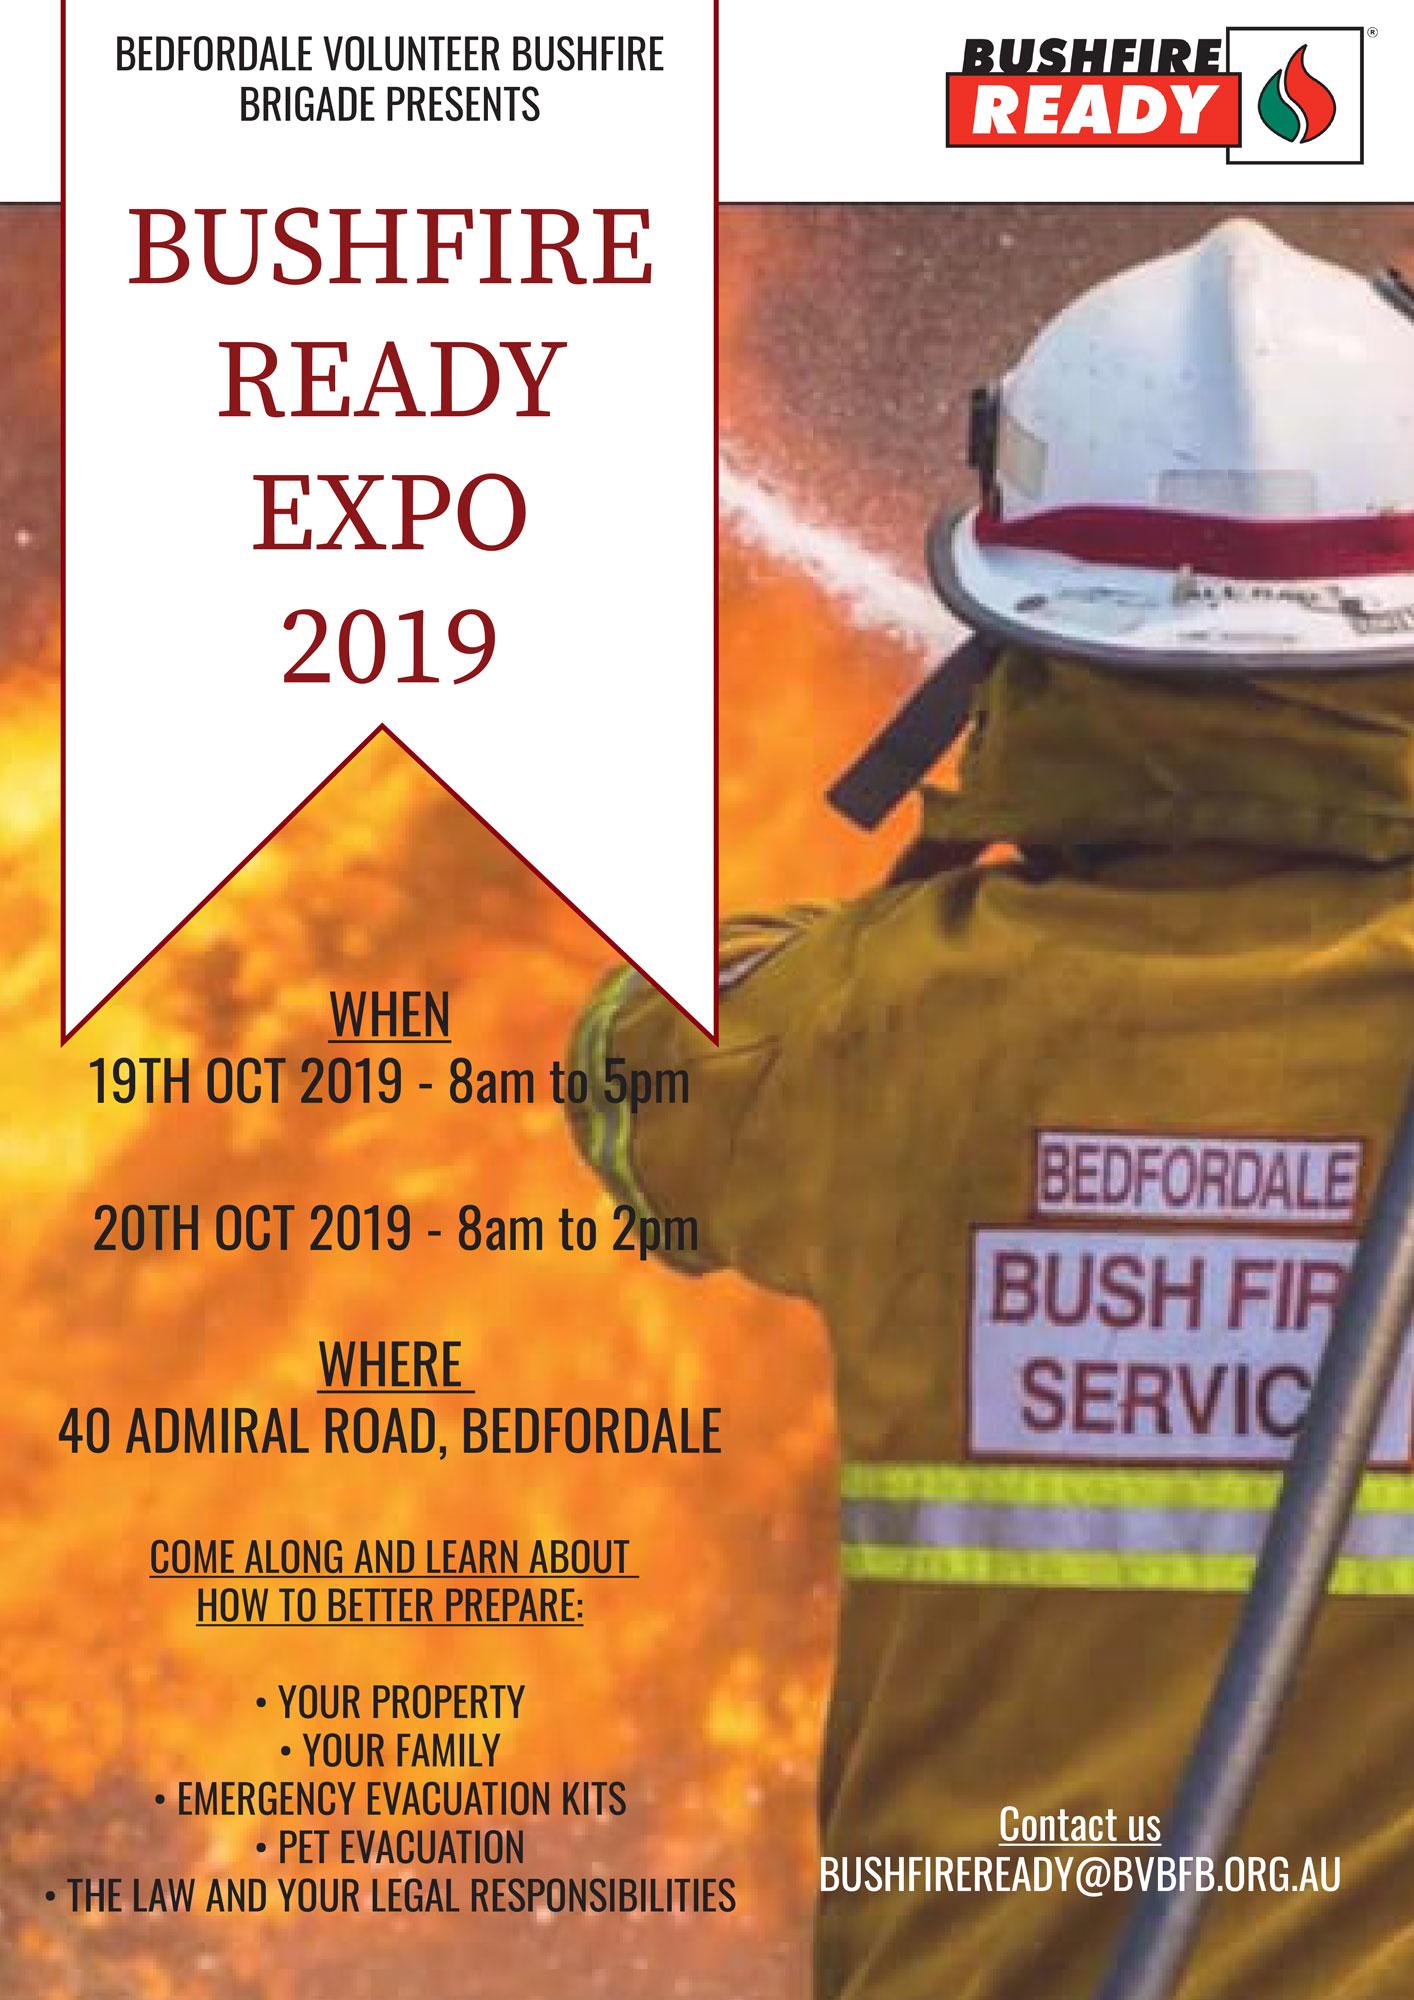 Bedfordale Bushfire Ready Expo 2019 Flier